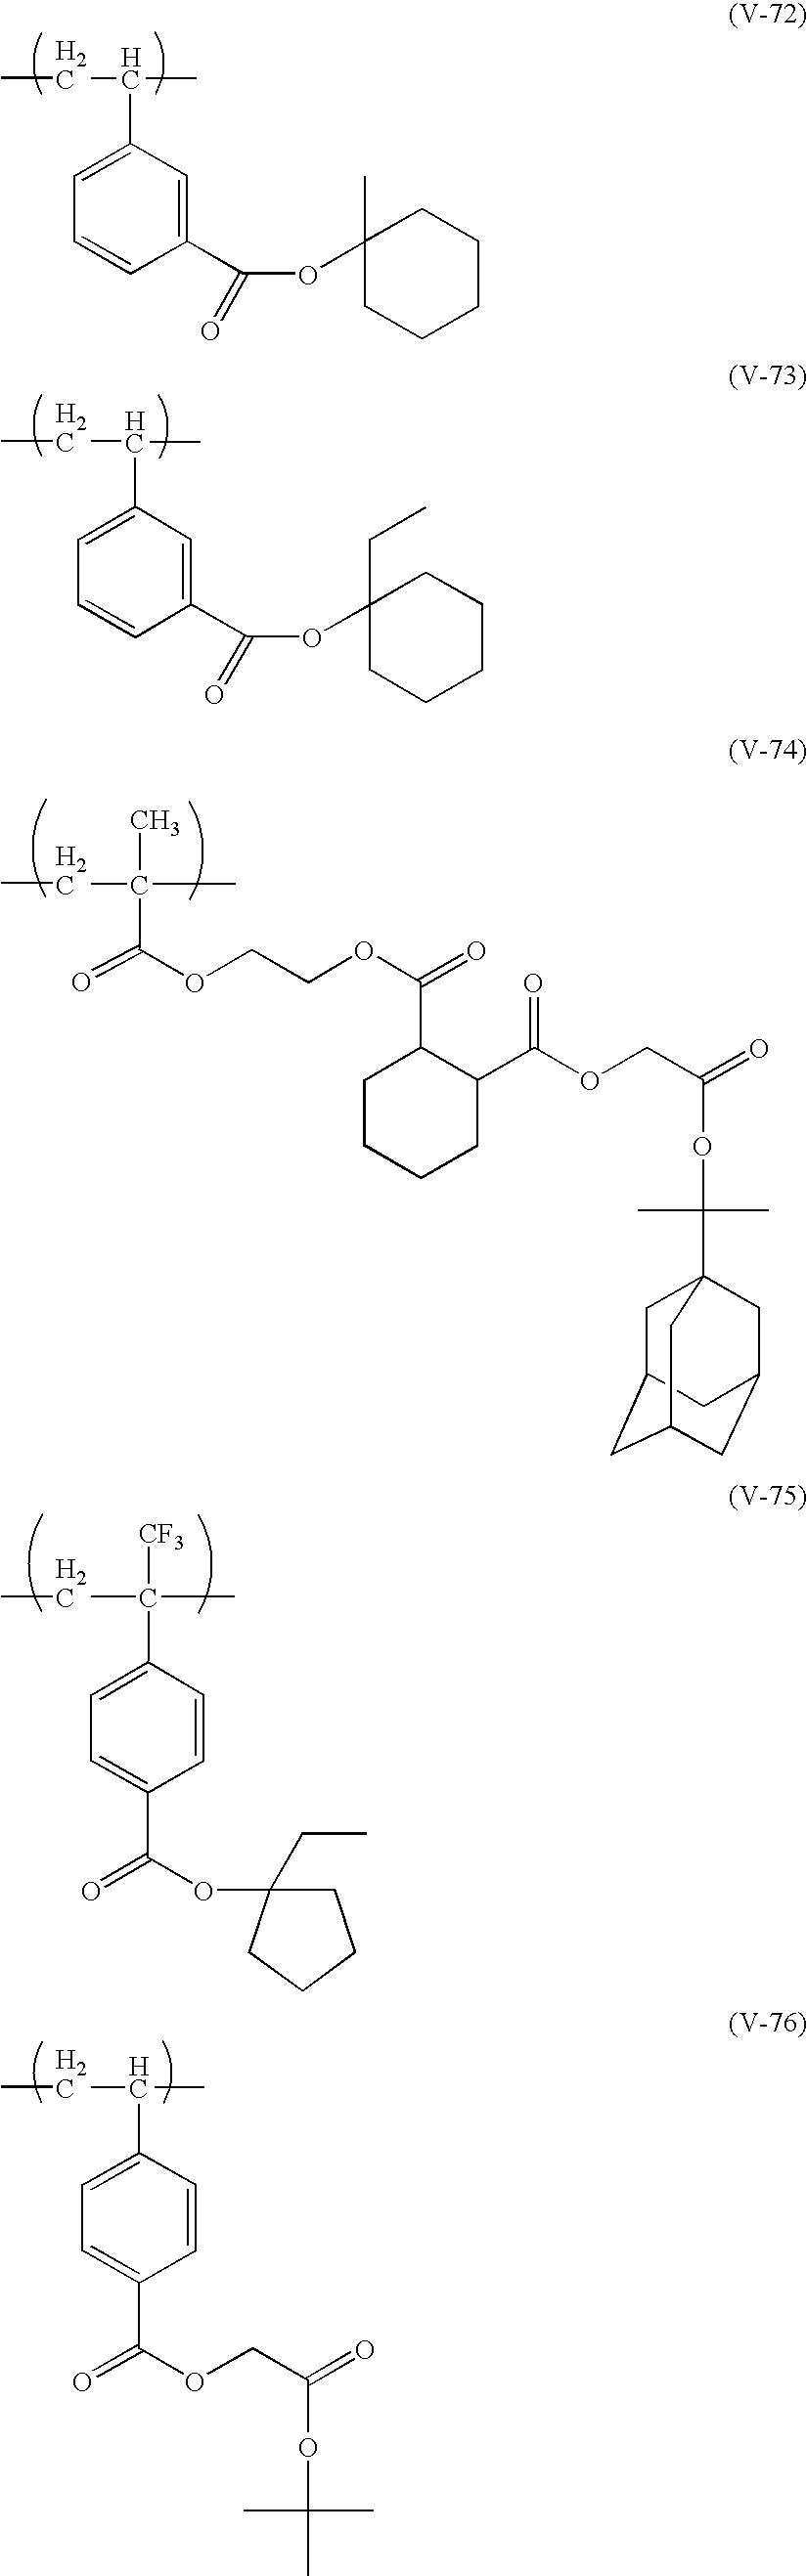 Figure US08852845-20141007-C00120